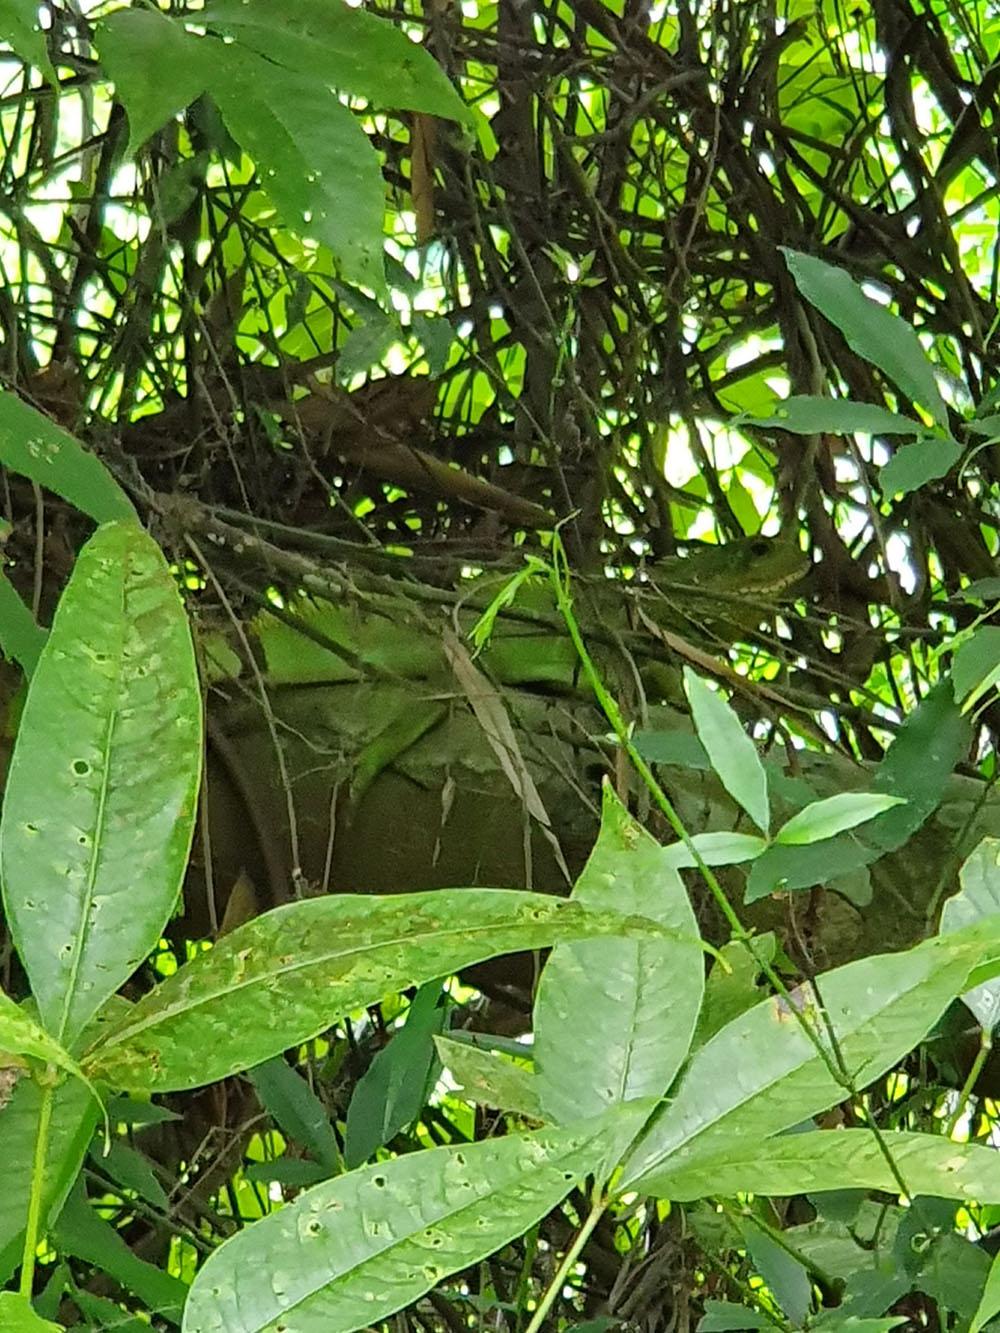 ตะกอง หรือมังกรน้ำแห่งอินโดจีน